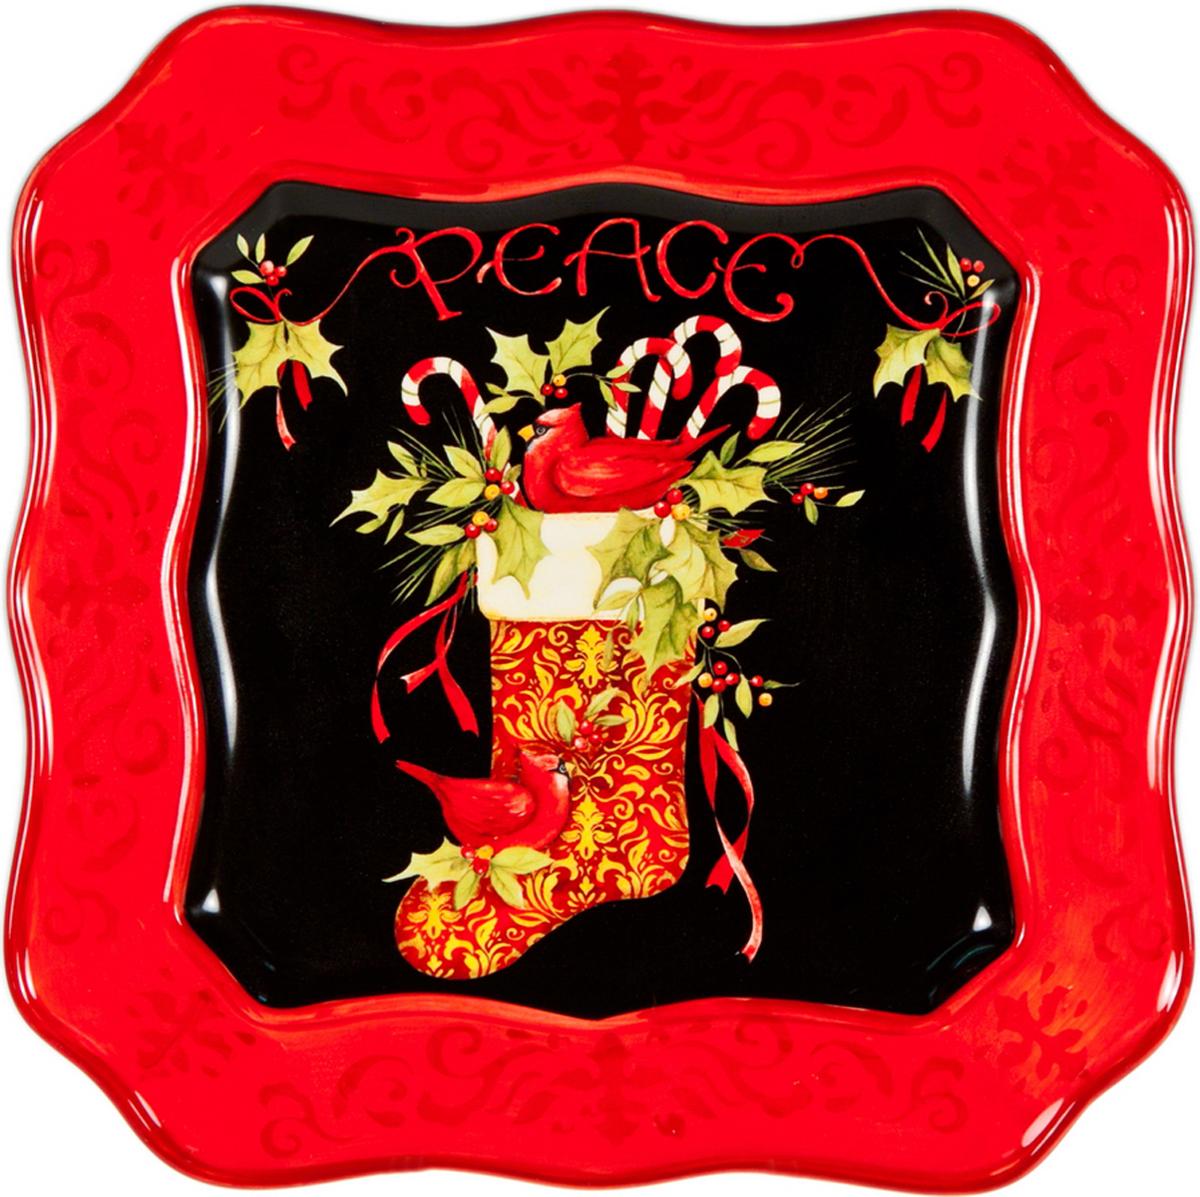 """Квадратное блюдо Certified International """"Винтаж новогодний"""" изготовлено из высококачественной керамики, которая отличается практичностью и высоким качеством исполнения. Посуда расписана вручную и покрыта глазурью, выполнена из экологически чистых материалов, что обеспечивает сохранение отменного вкуса блюд и их длительное хранение. Эта керамическая посуда химически инертна, не вступает в реакцию с пищей, не выделяет вредных веществ при перегреве. Такое блюдо прекрасно оформит праздничный стол и станет замечательным сувениром к Новому году."""